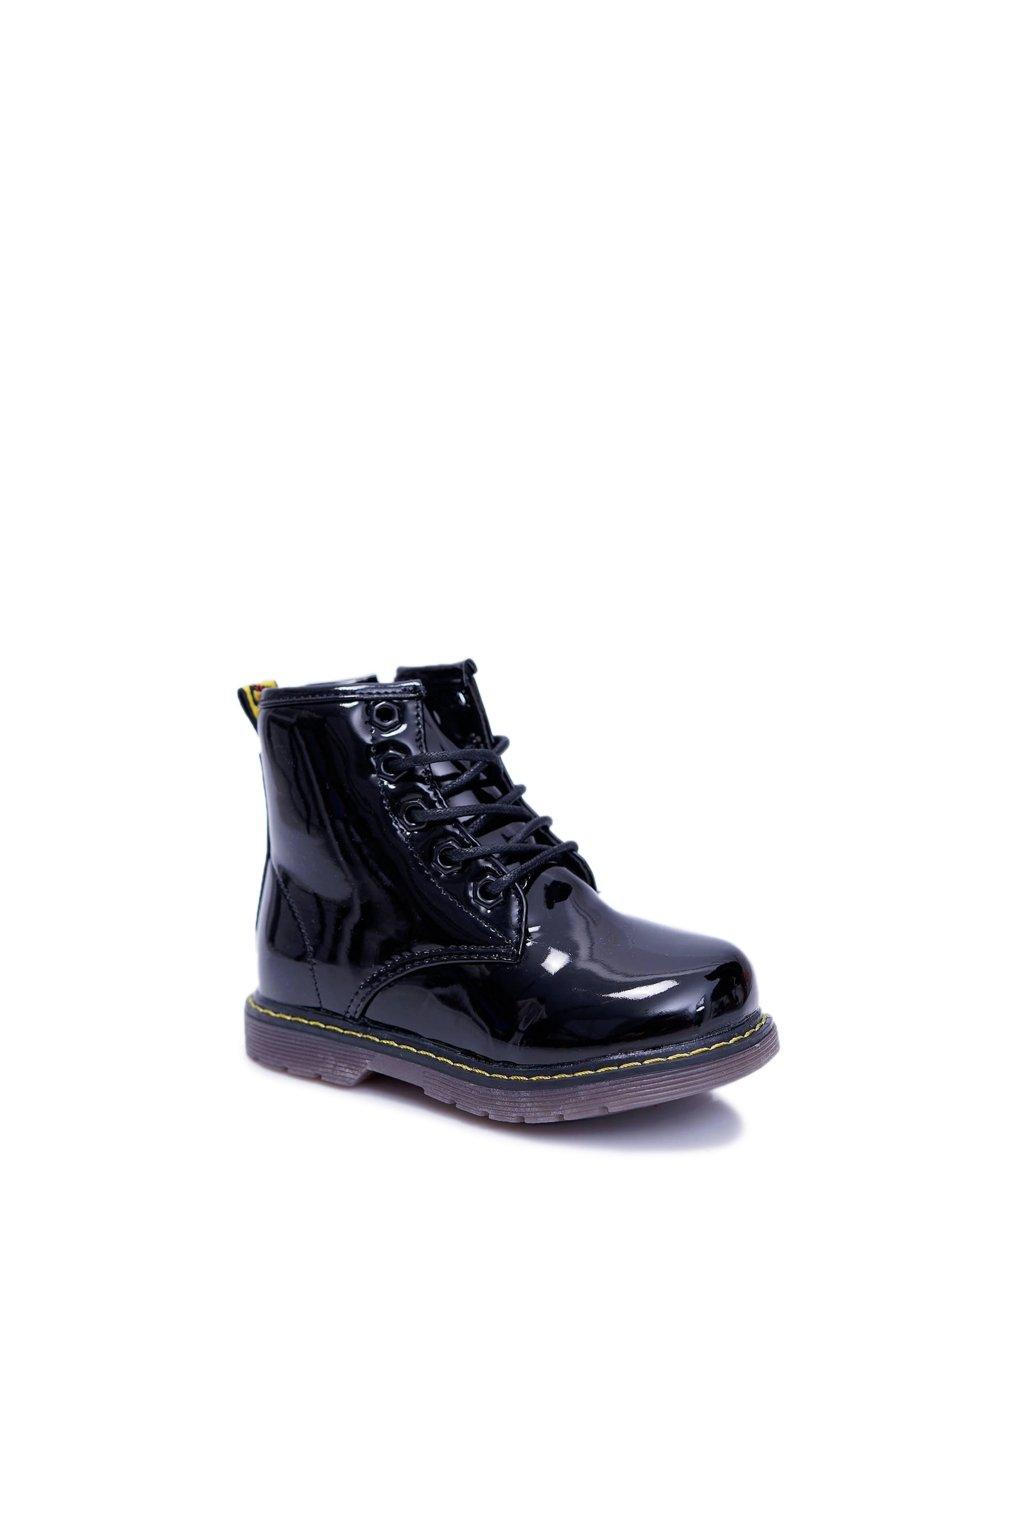 Detské topánky pre chlapcov a dievčatá hrejivé lakované čierne Ferrero